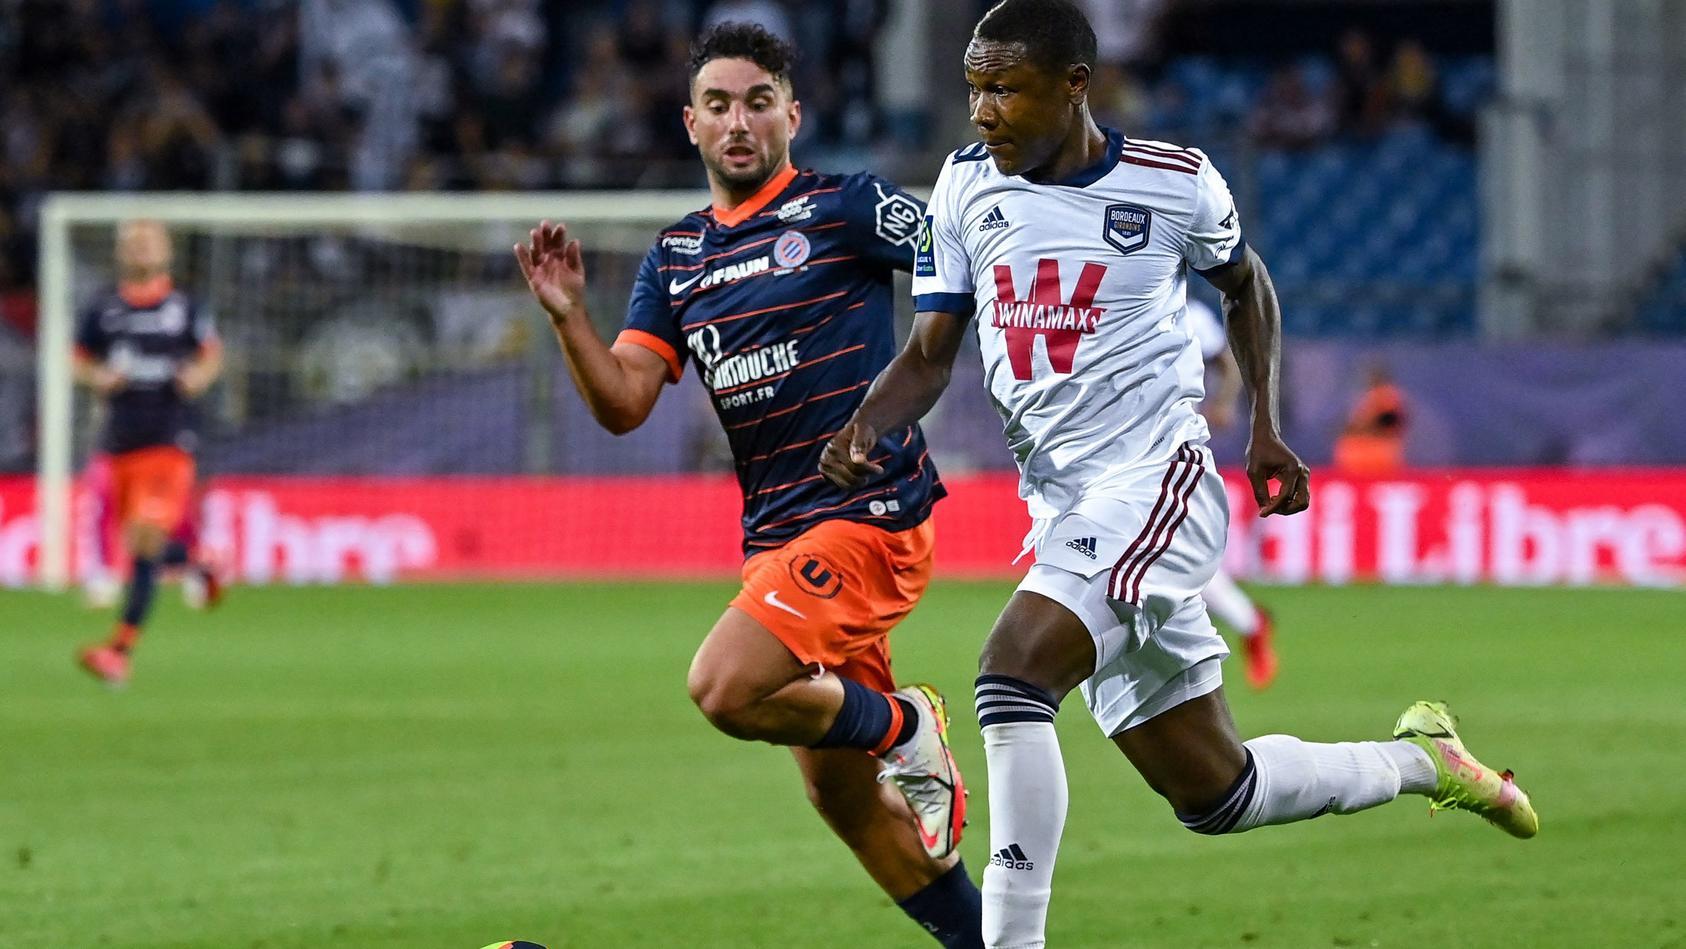 Vor dem Spiel Montpellier HSC - Girondins Bordeaux kam es zu Ausschreitungen.